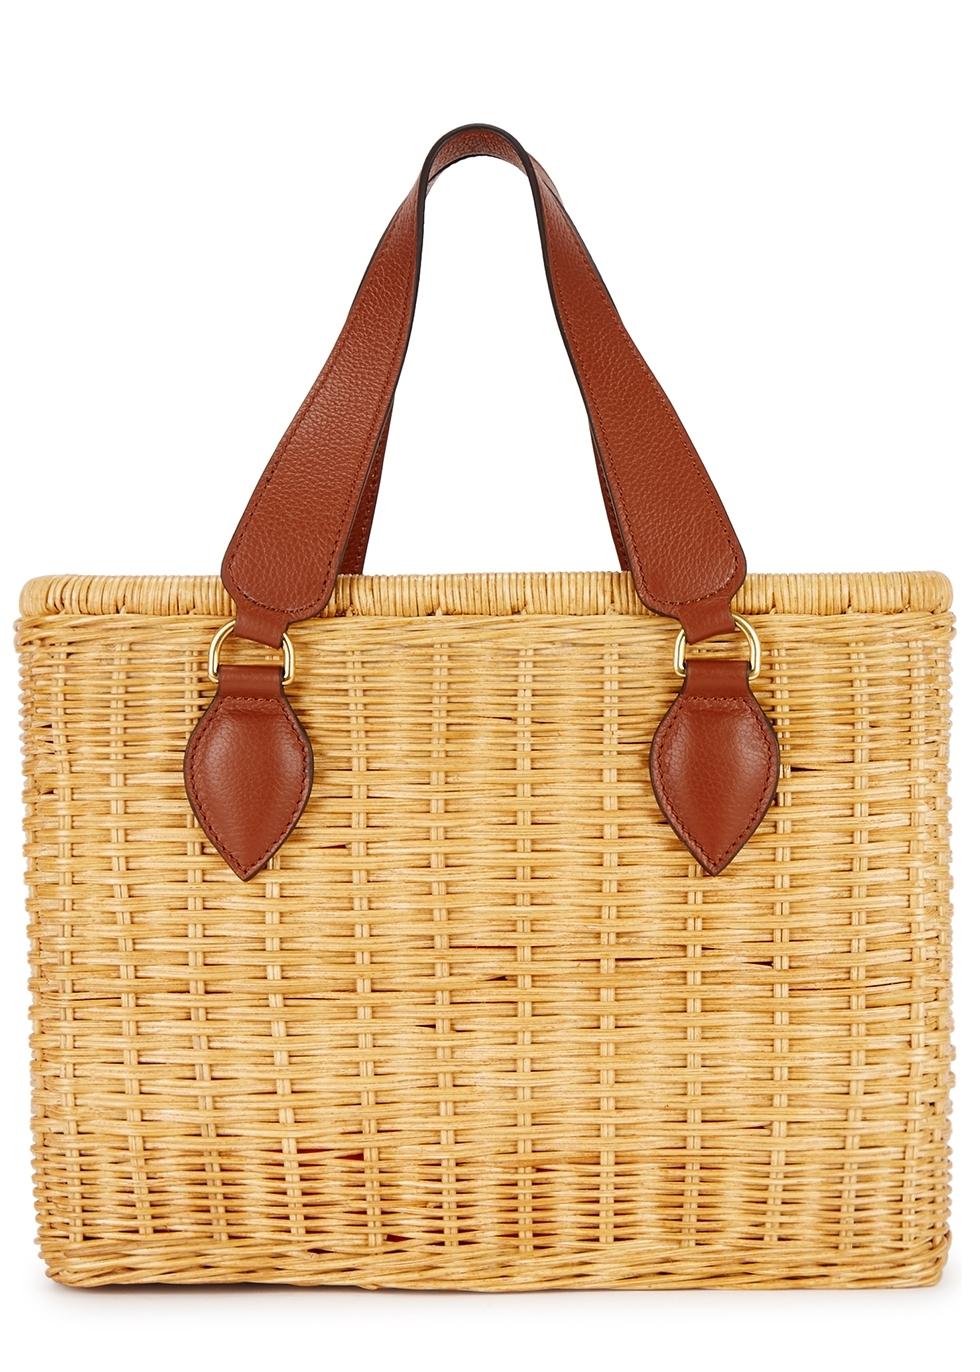 5cfa2e28b74 Women s Designer Tote Bags - Leather   Canvas - Harvey Nichols